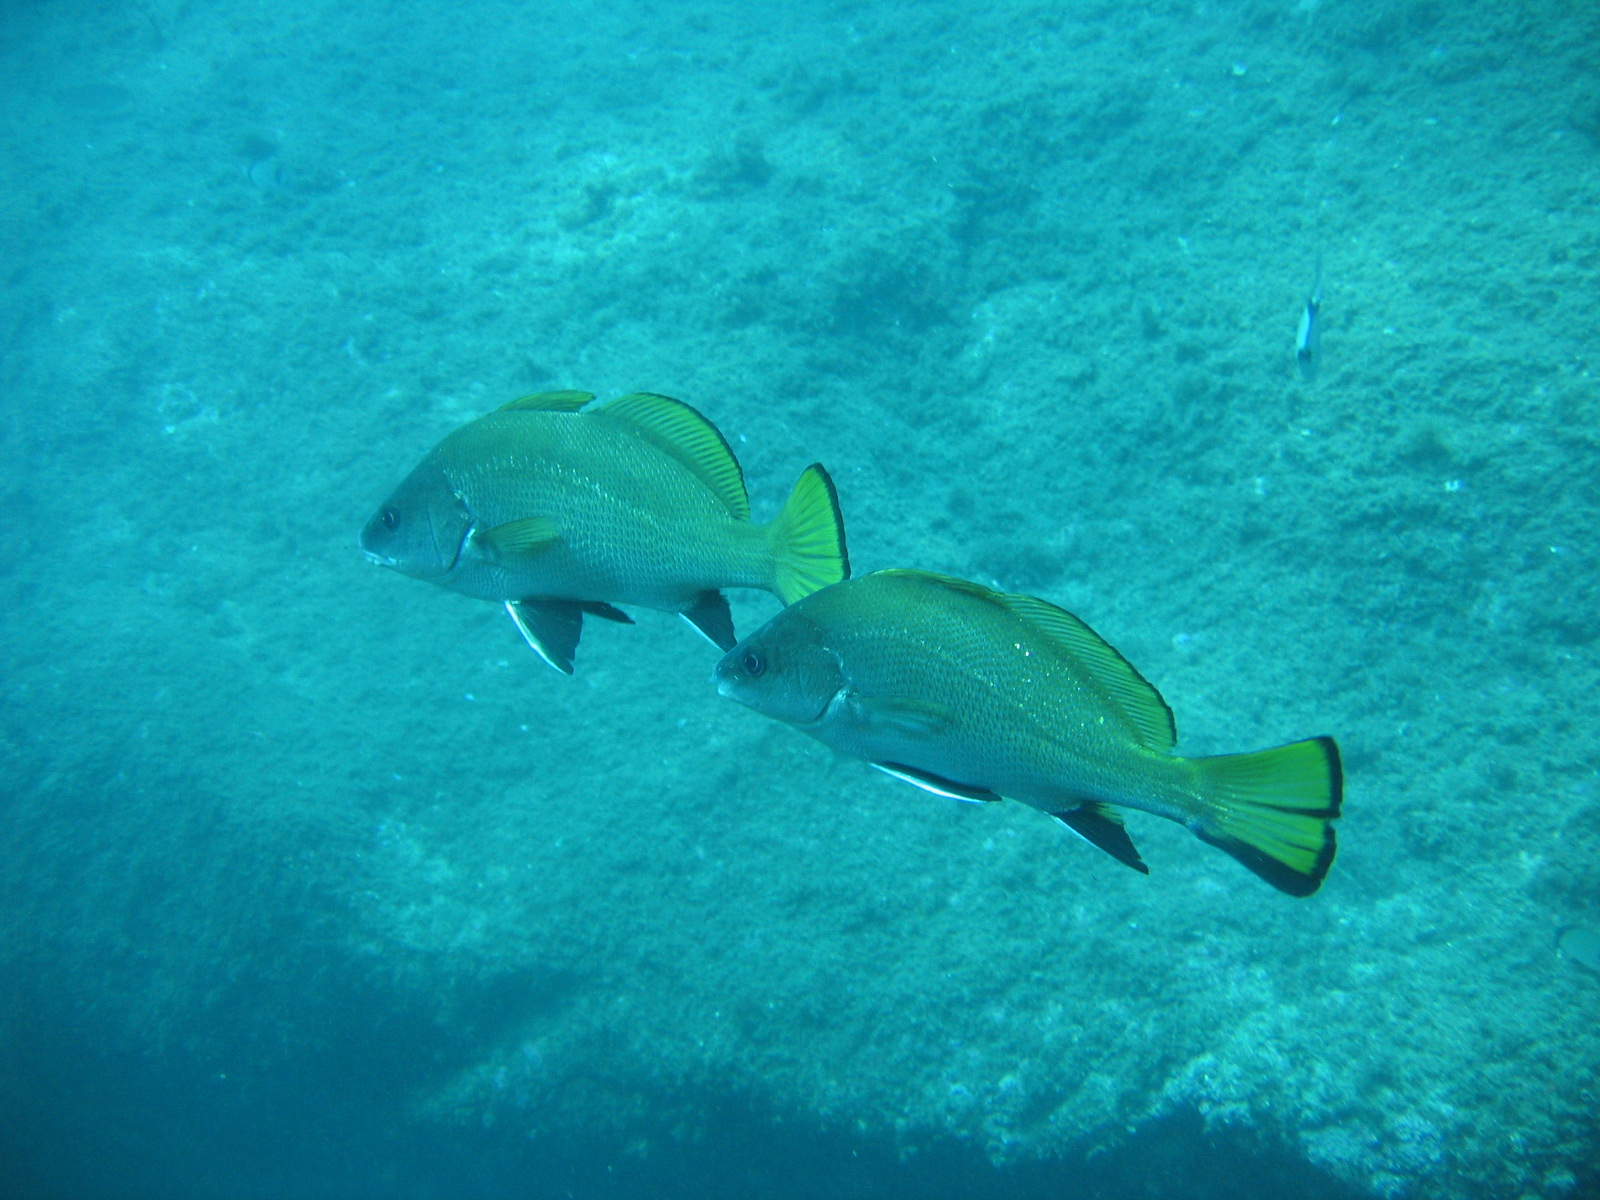 Corbs - Aquablue - Banyuls-sur-mer